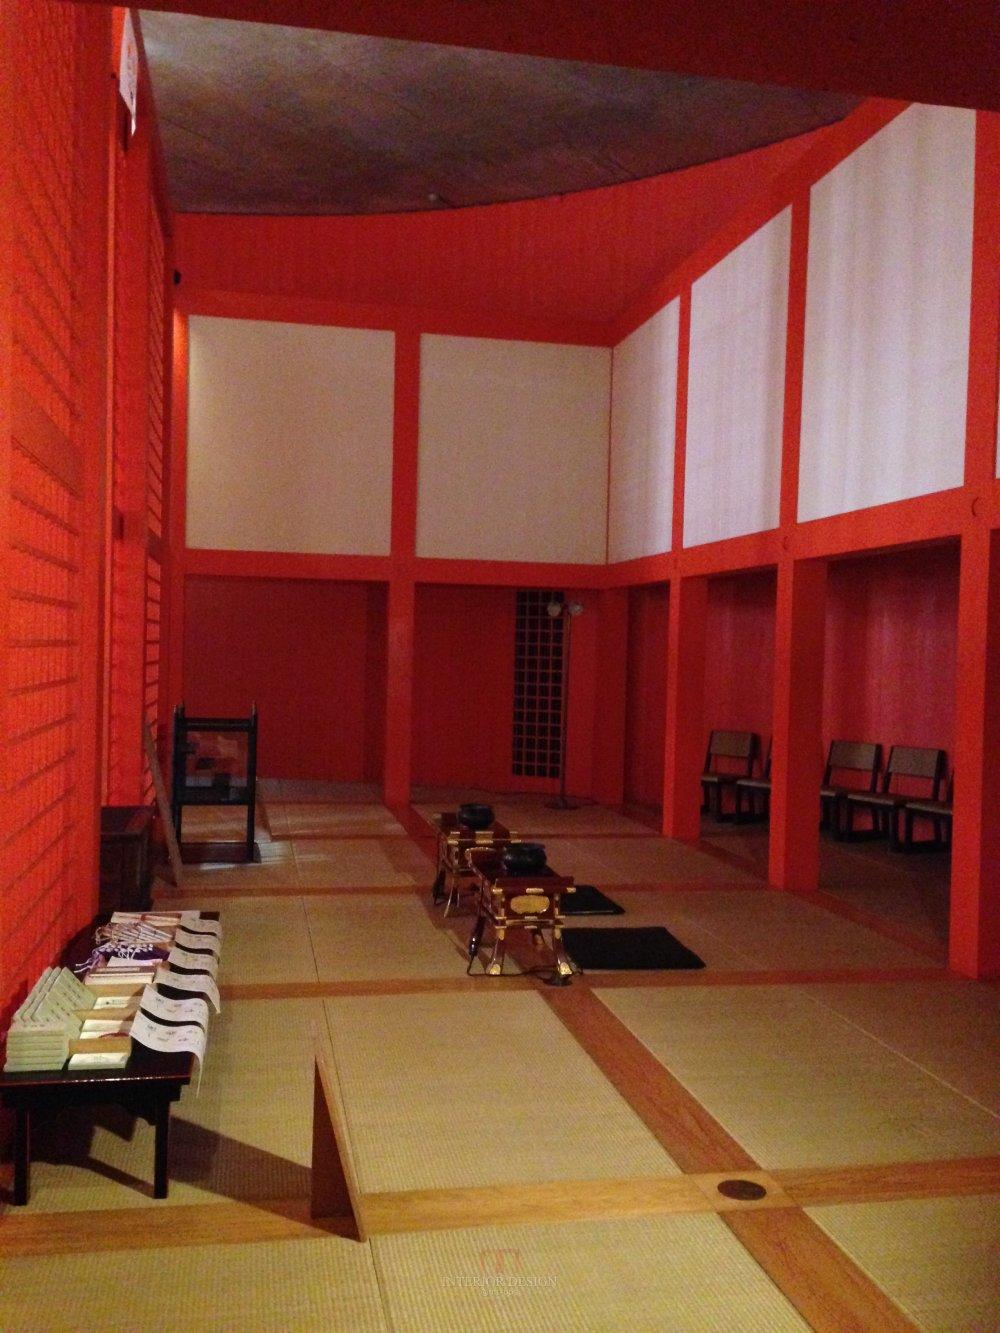 #伙伴一起看日本#  日本设计考察分享(更新美秀美术馆)_IMG_5198.JPG